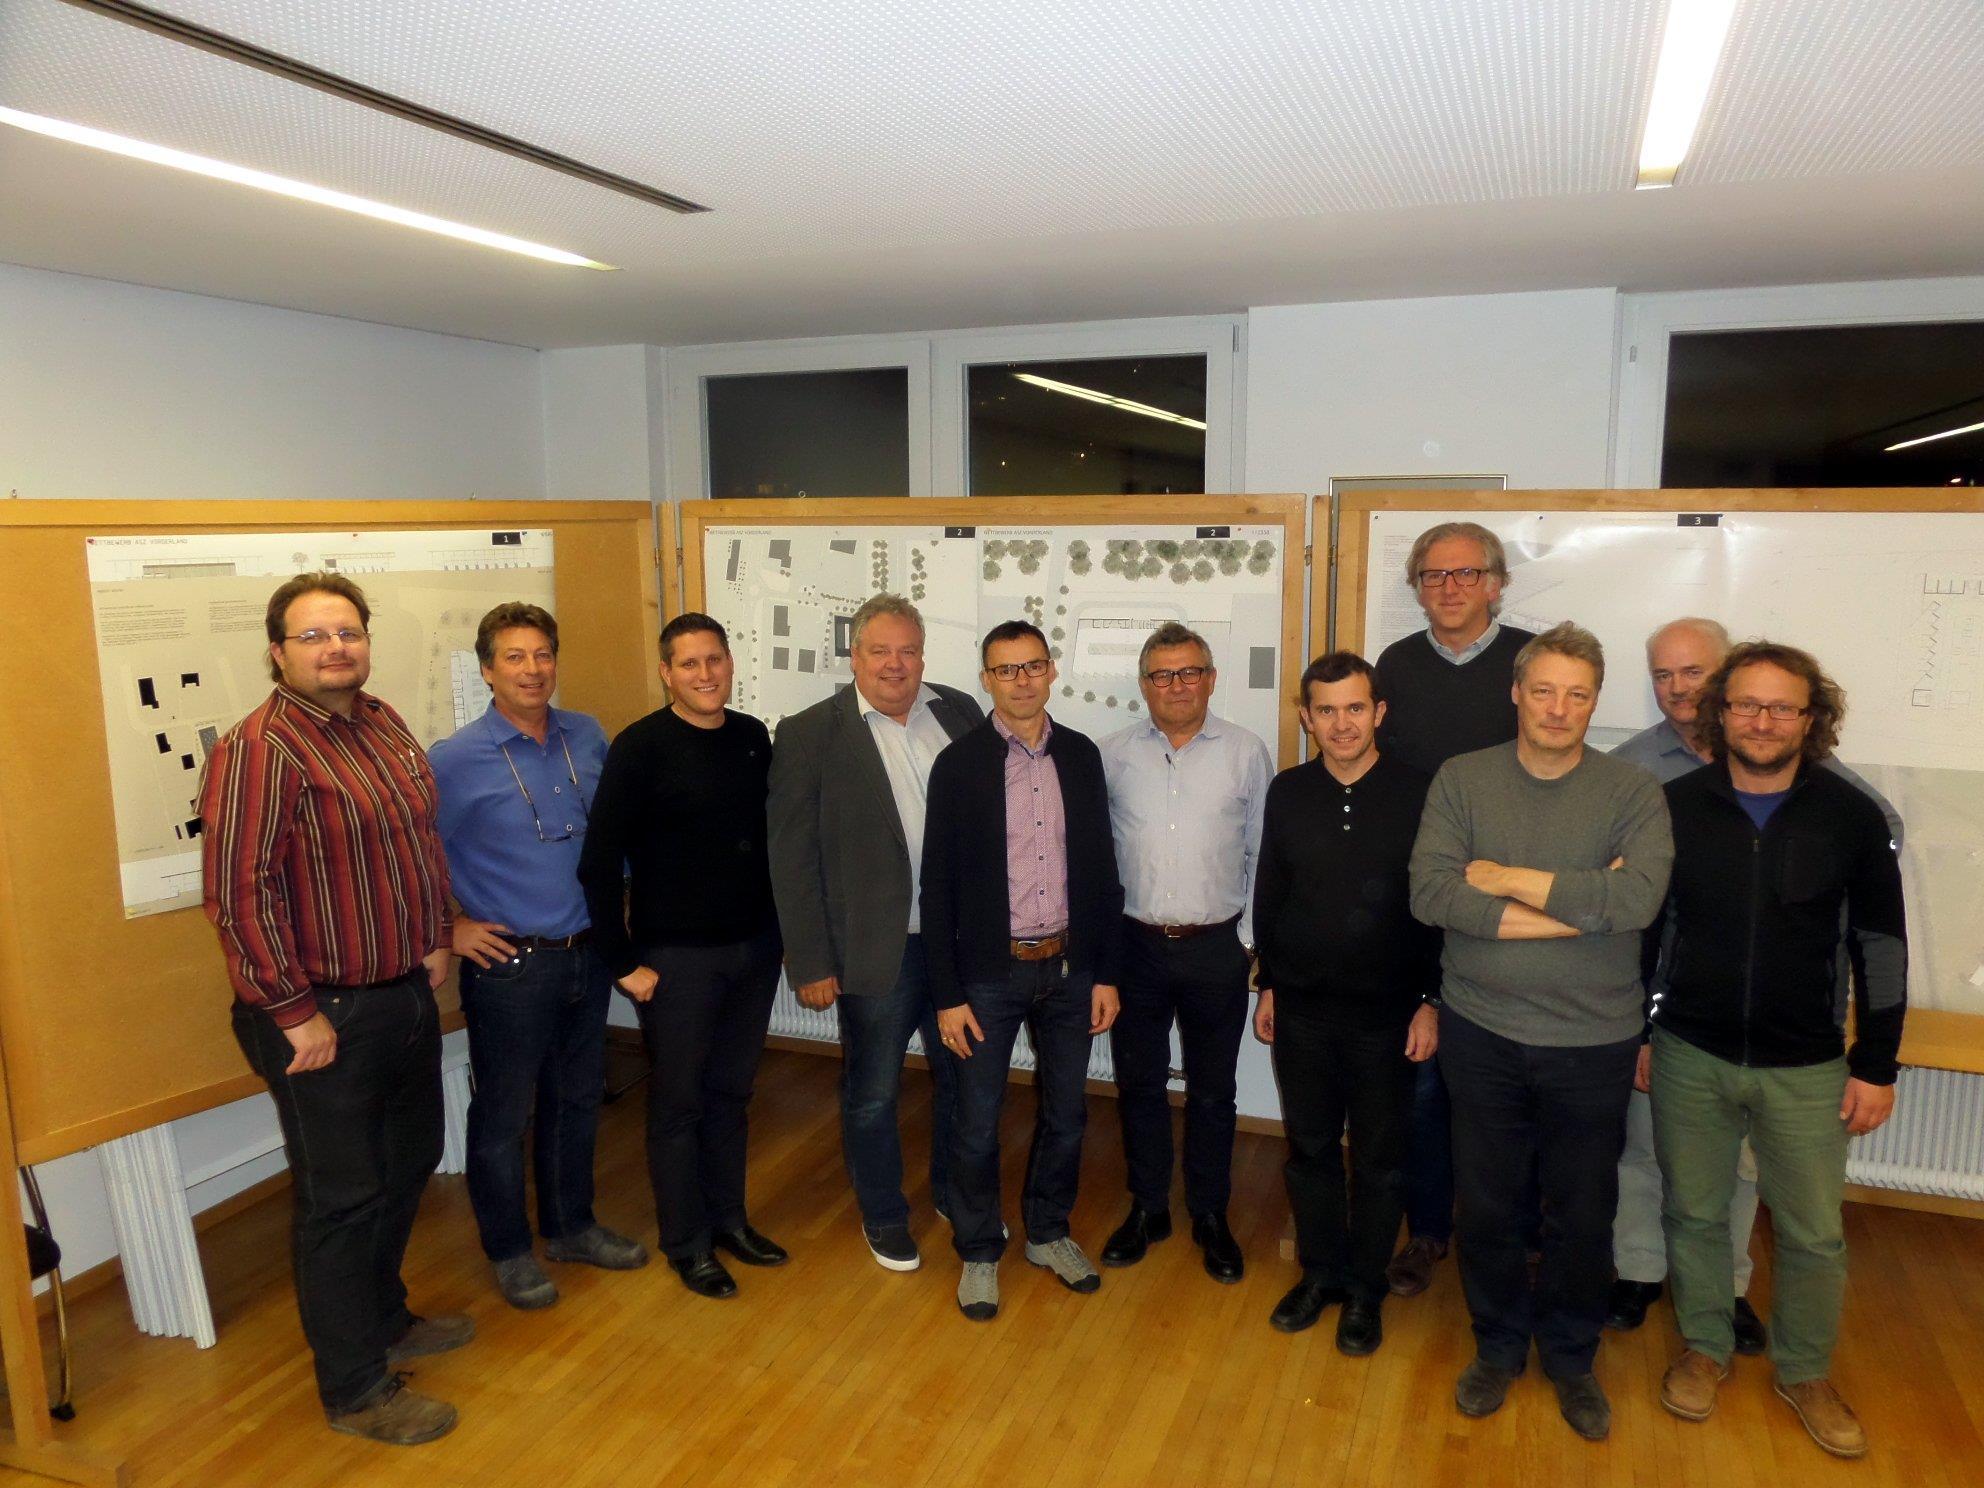 Preisgericht des Architekturwettbewerbs ASZ Vorderland (Regio Vorderland-Feldkirch).